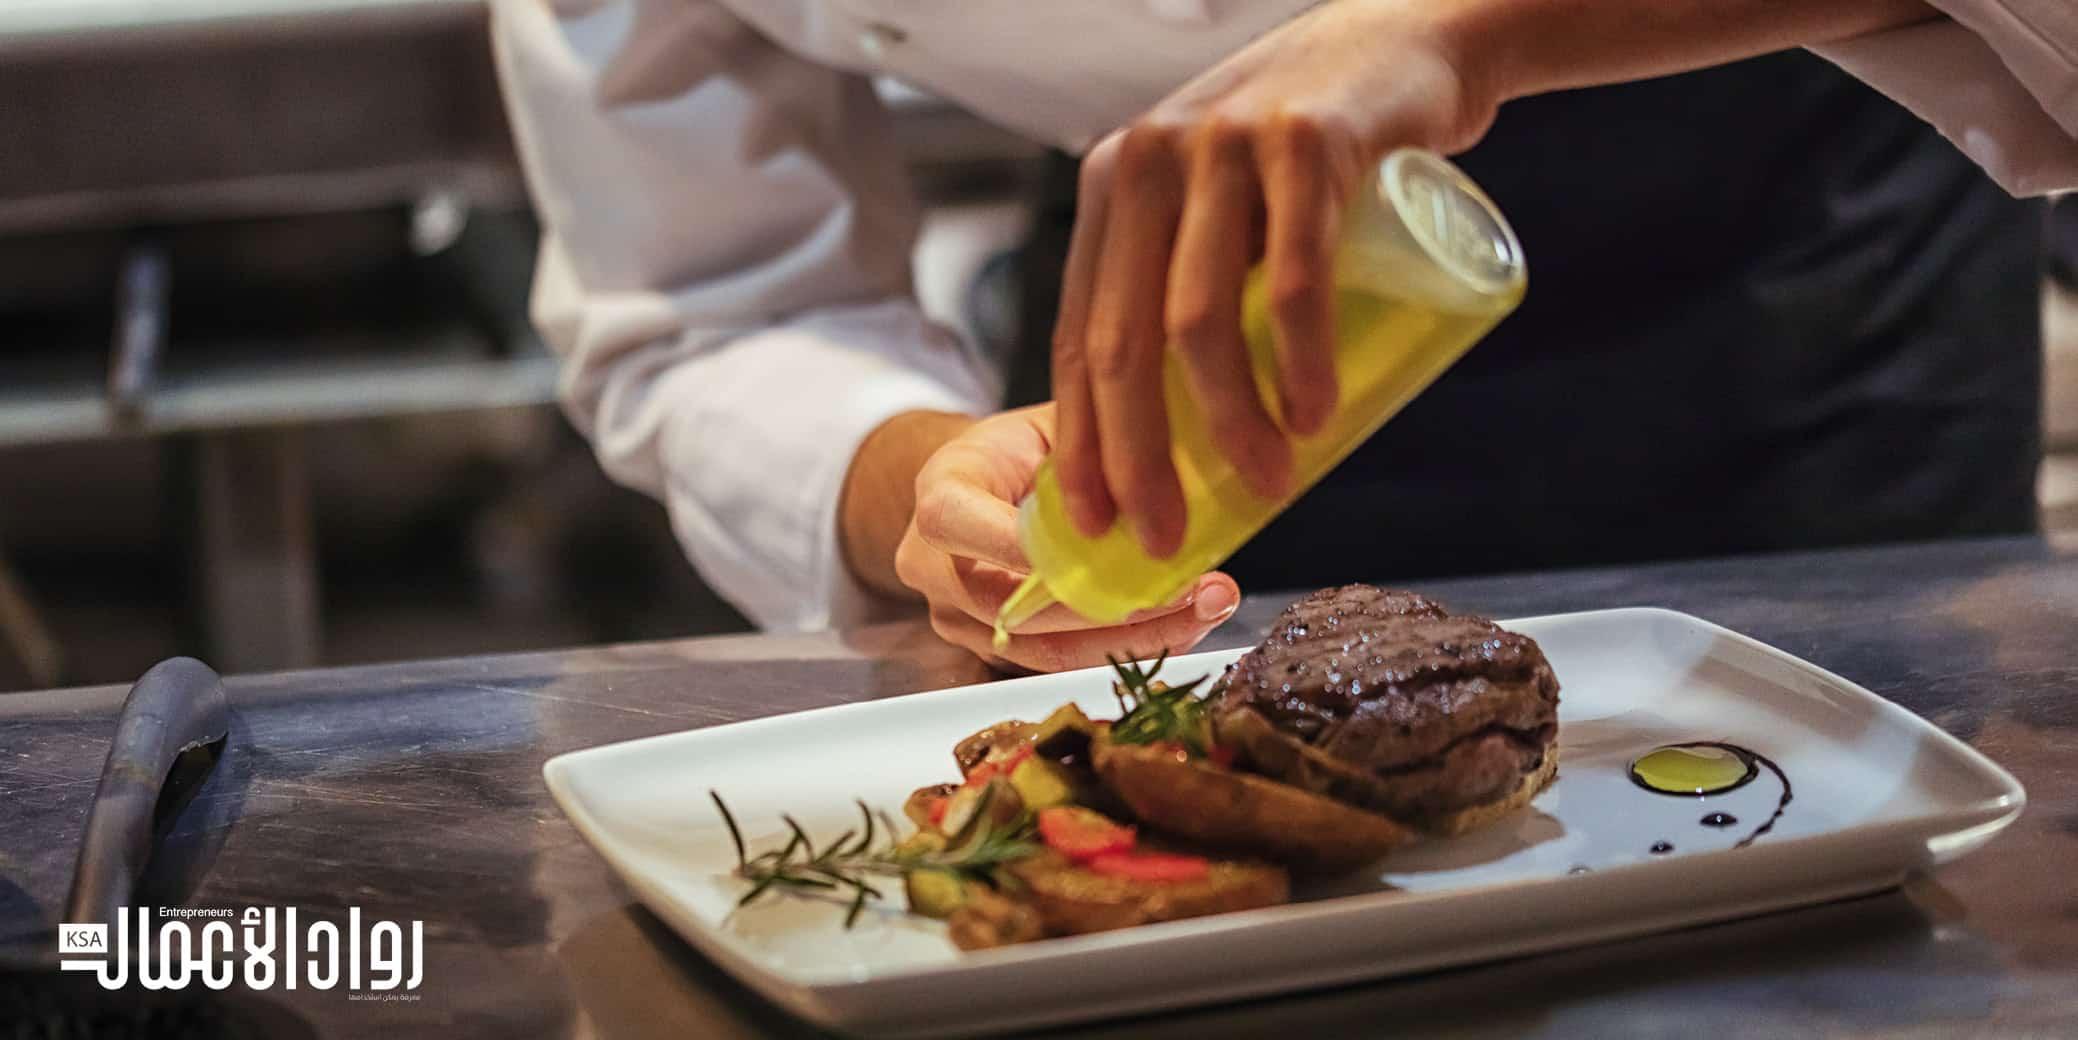 قطاع المطاعم والتحول الرقمي